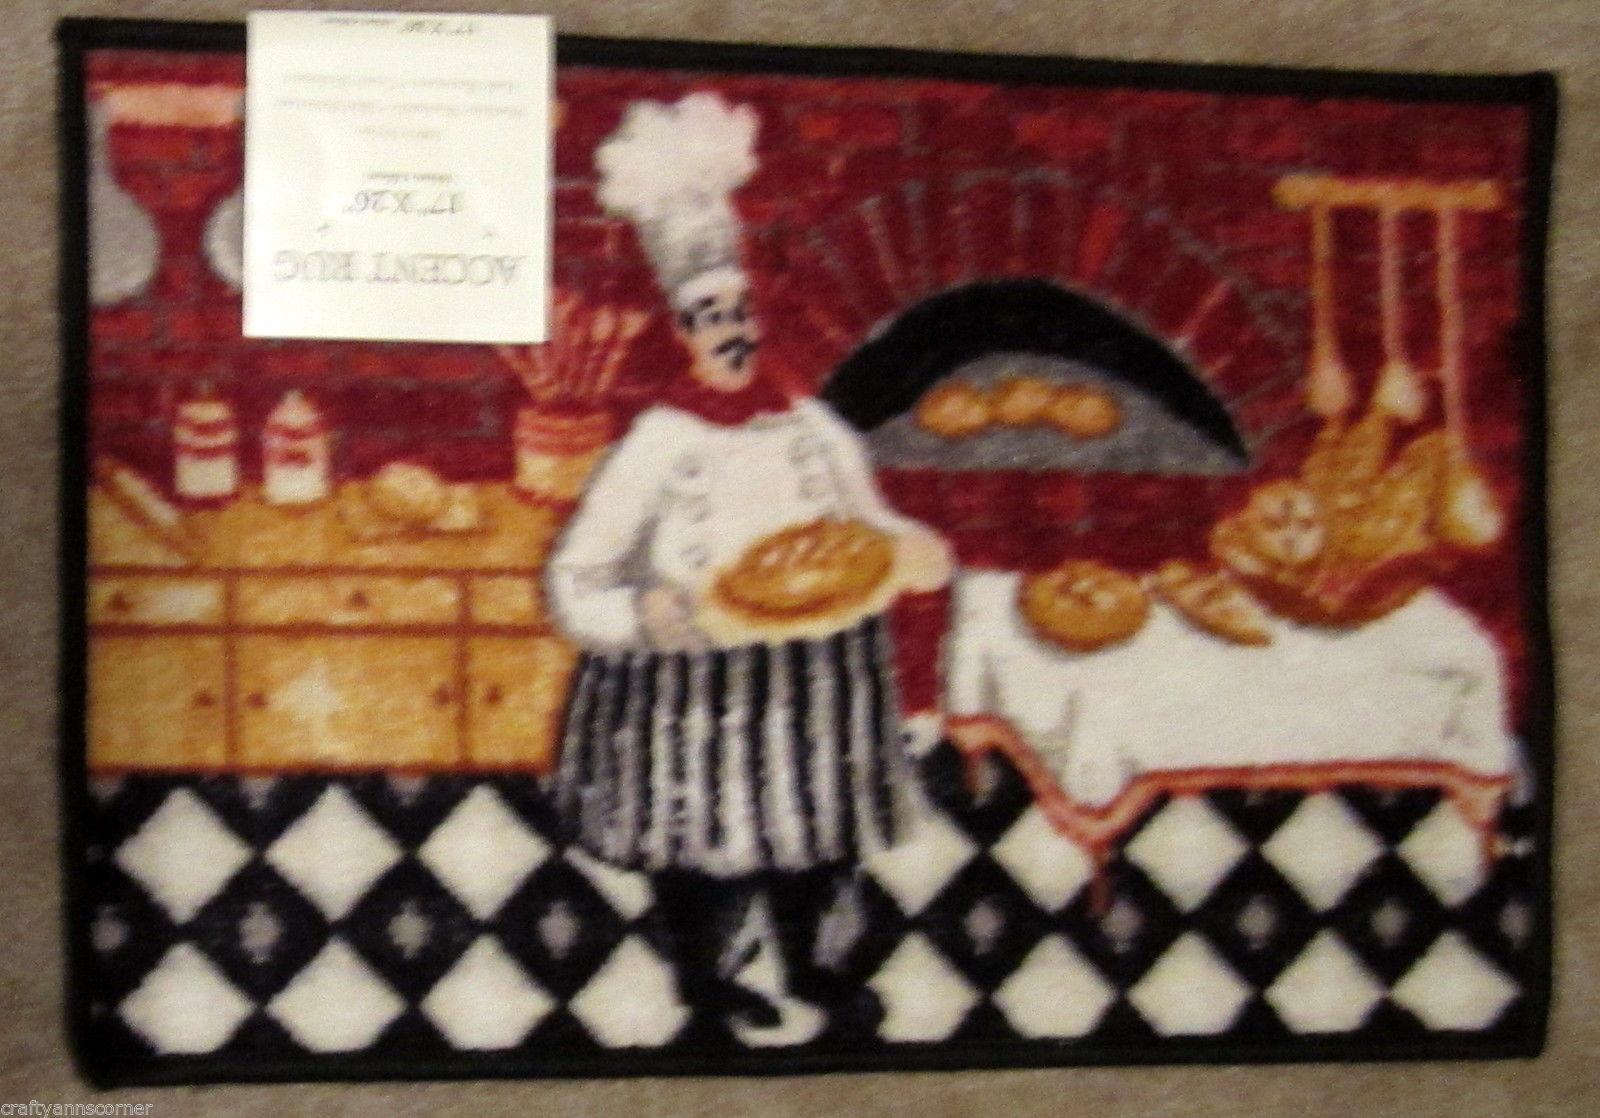 Chef kitchen rugs Photo - 4 | Kitchen ideas